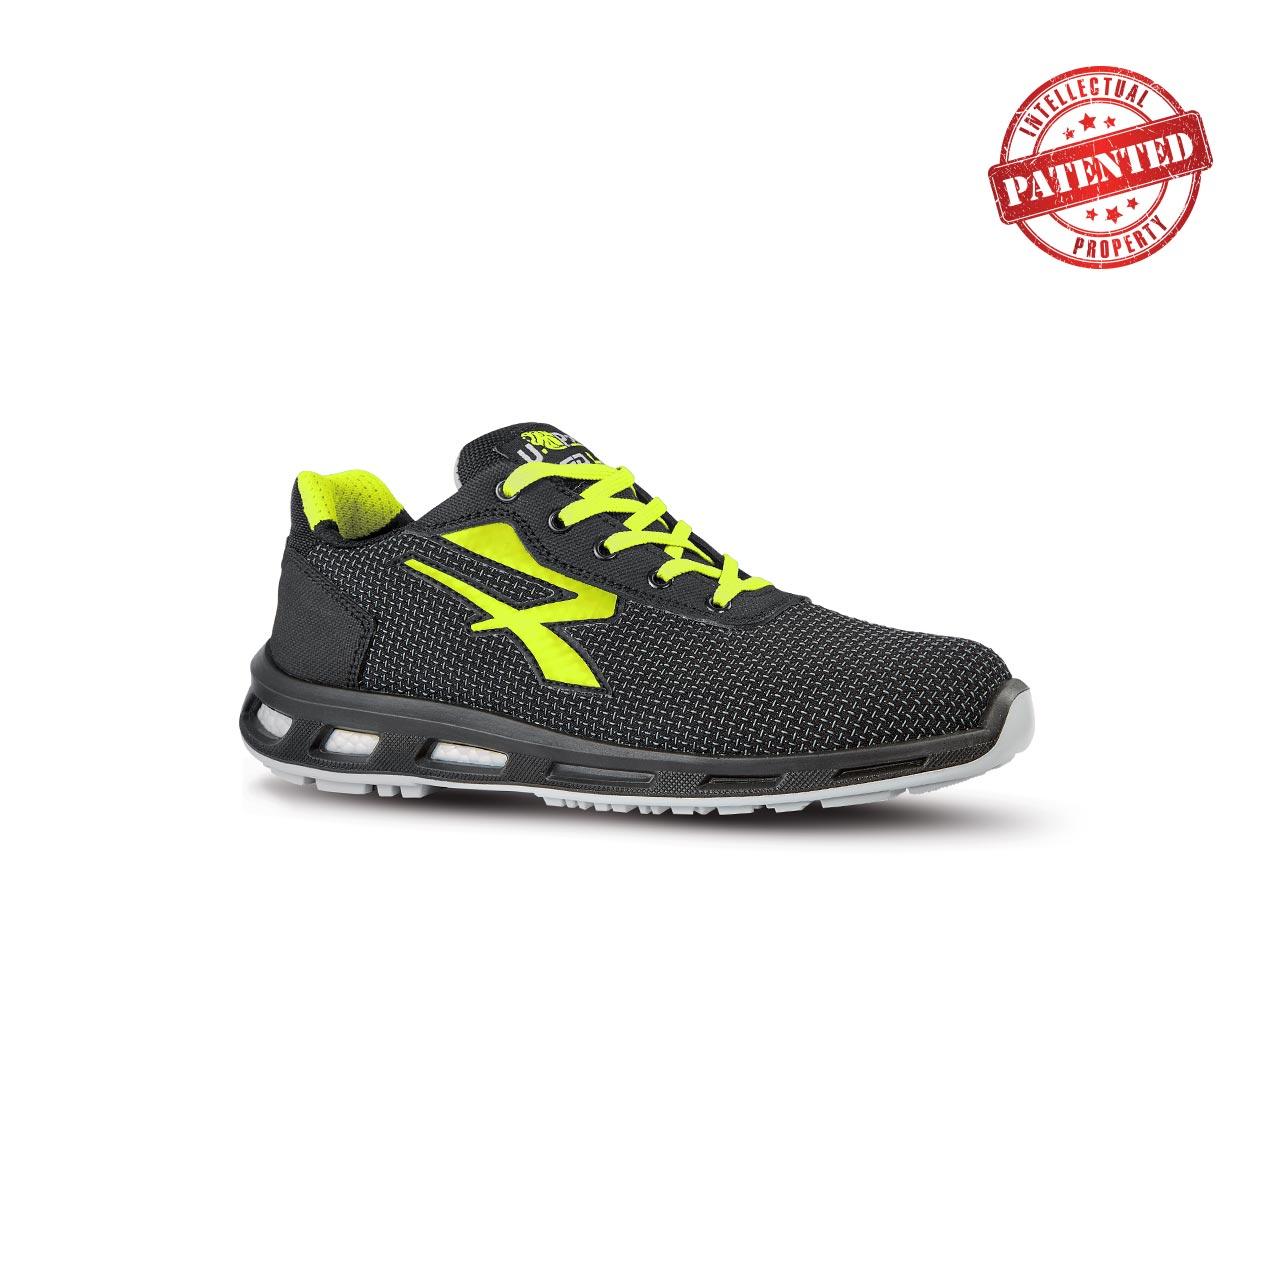 scarpa antinfortunistica upower modello prime linea redlion vista laterale